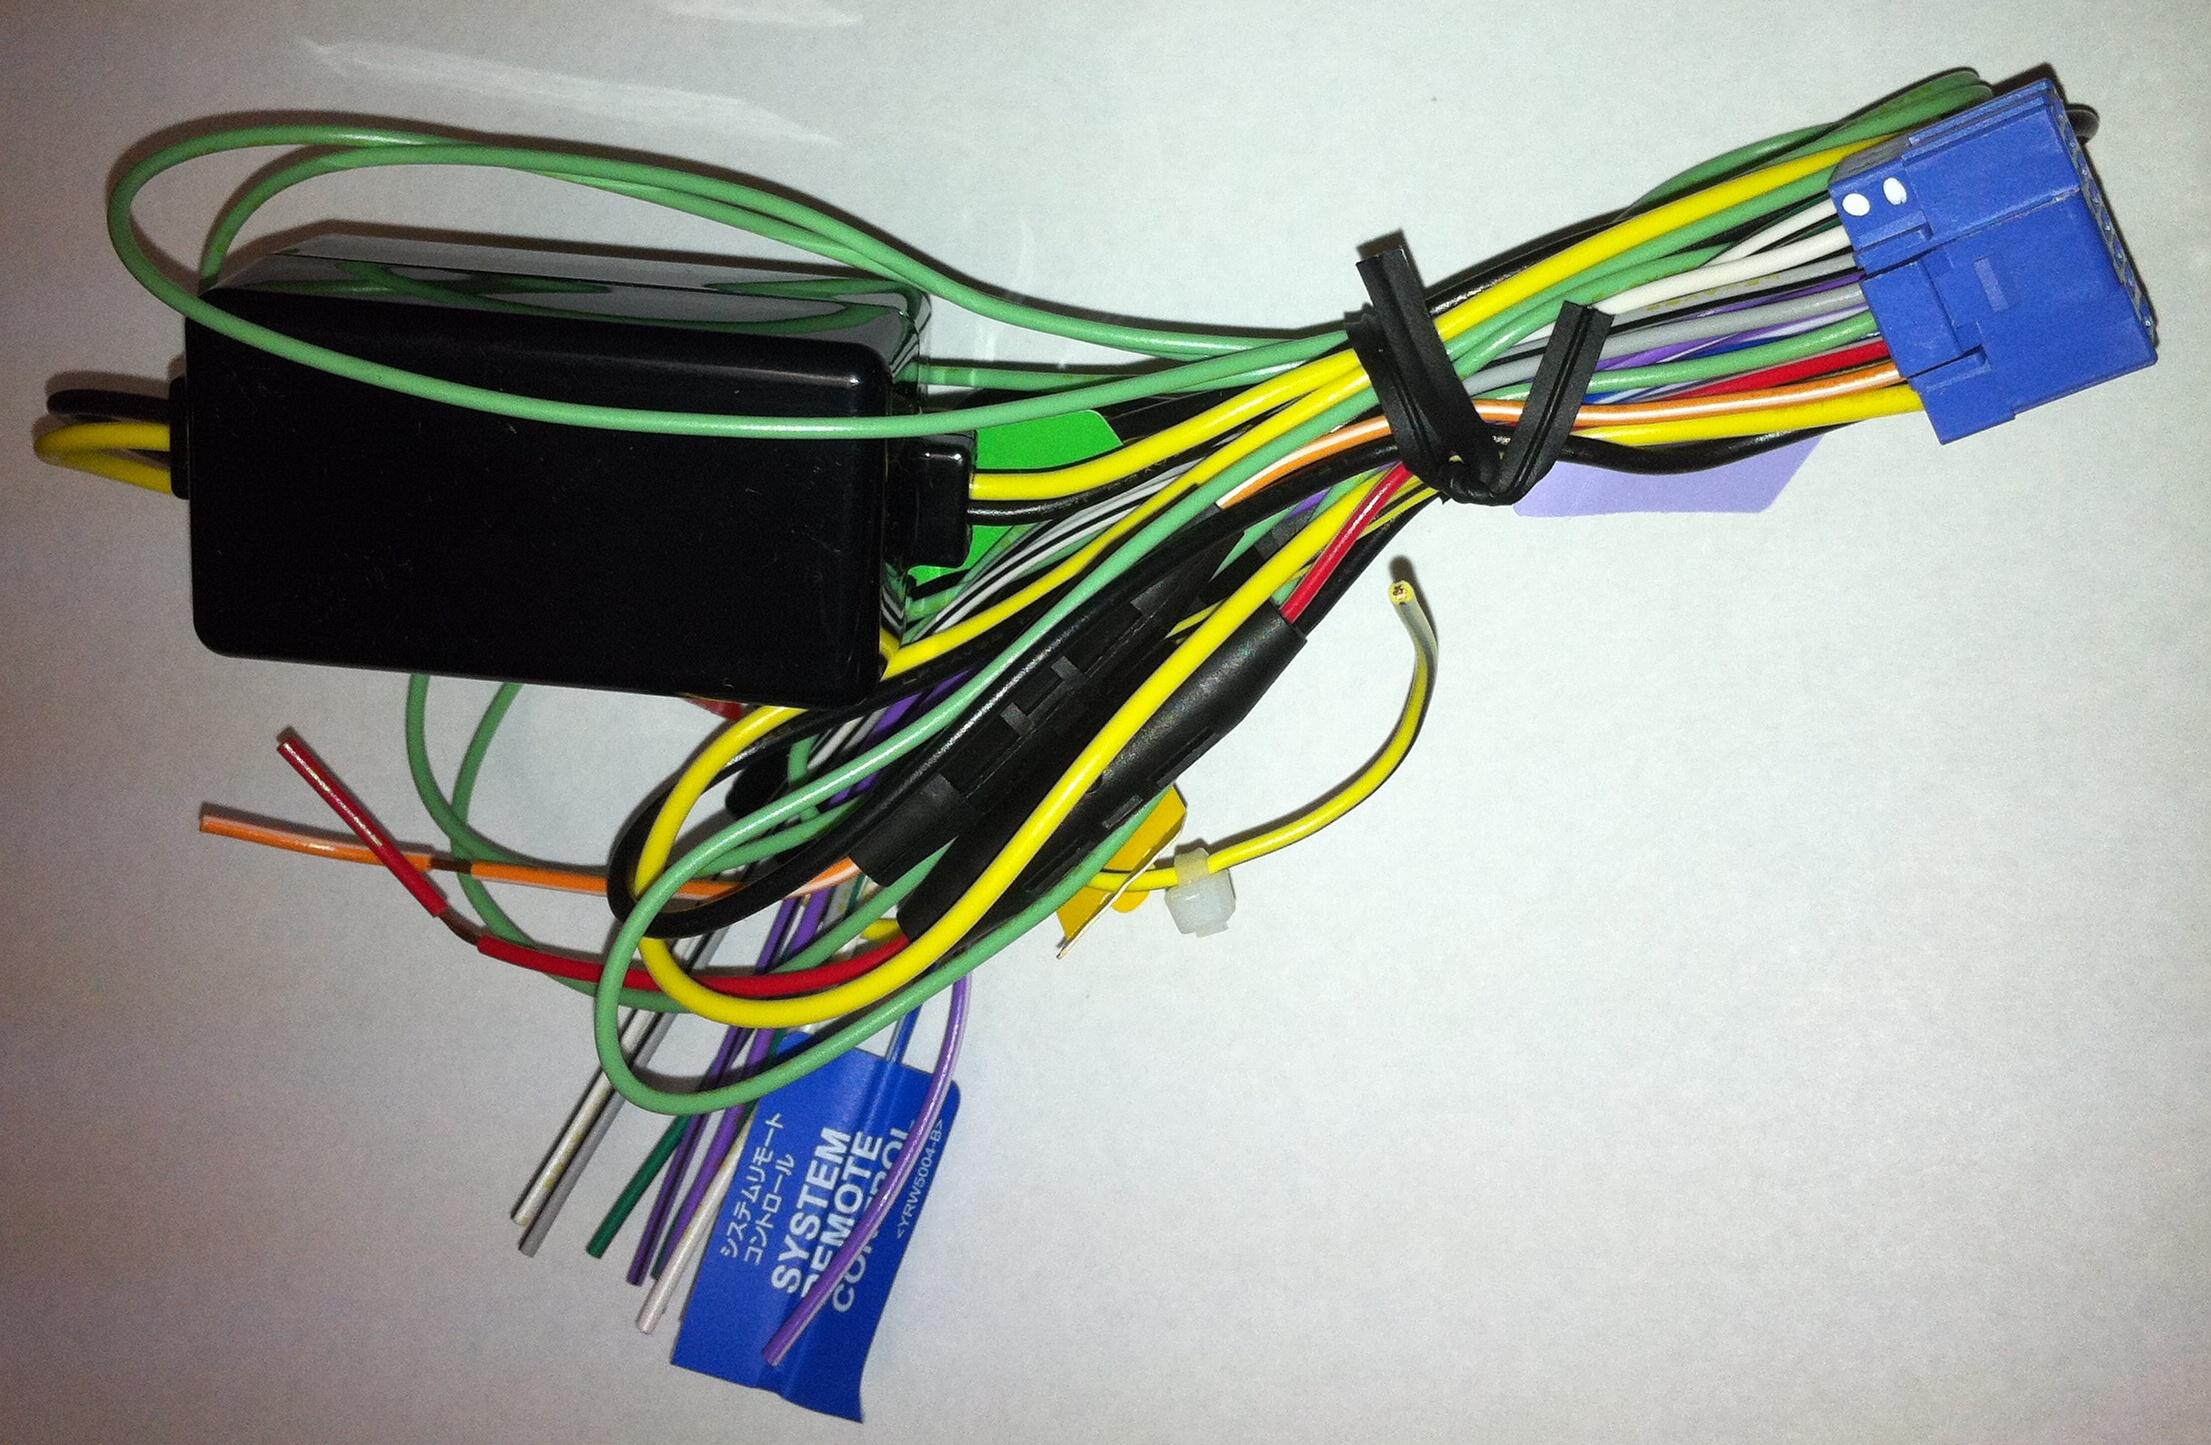 32 Pioneer Avh X2800bs Wiring Harness Diagram